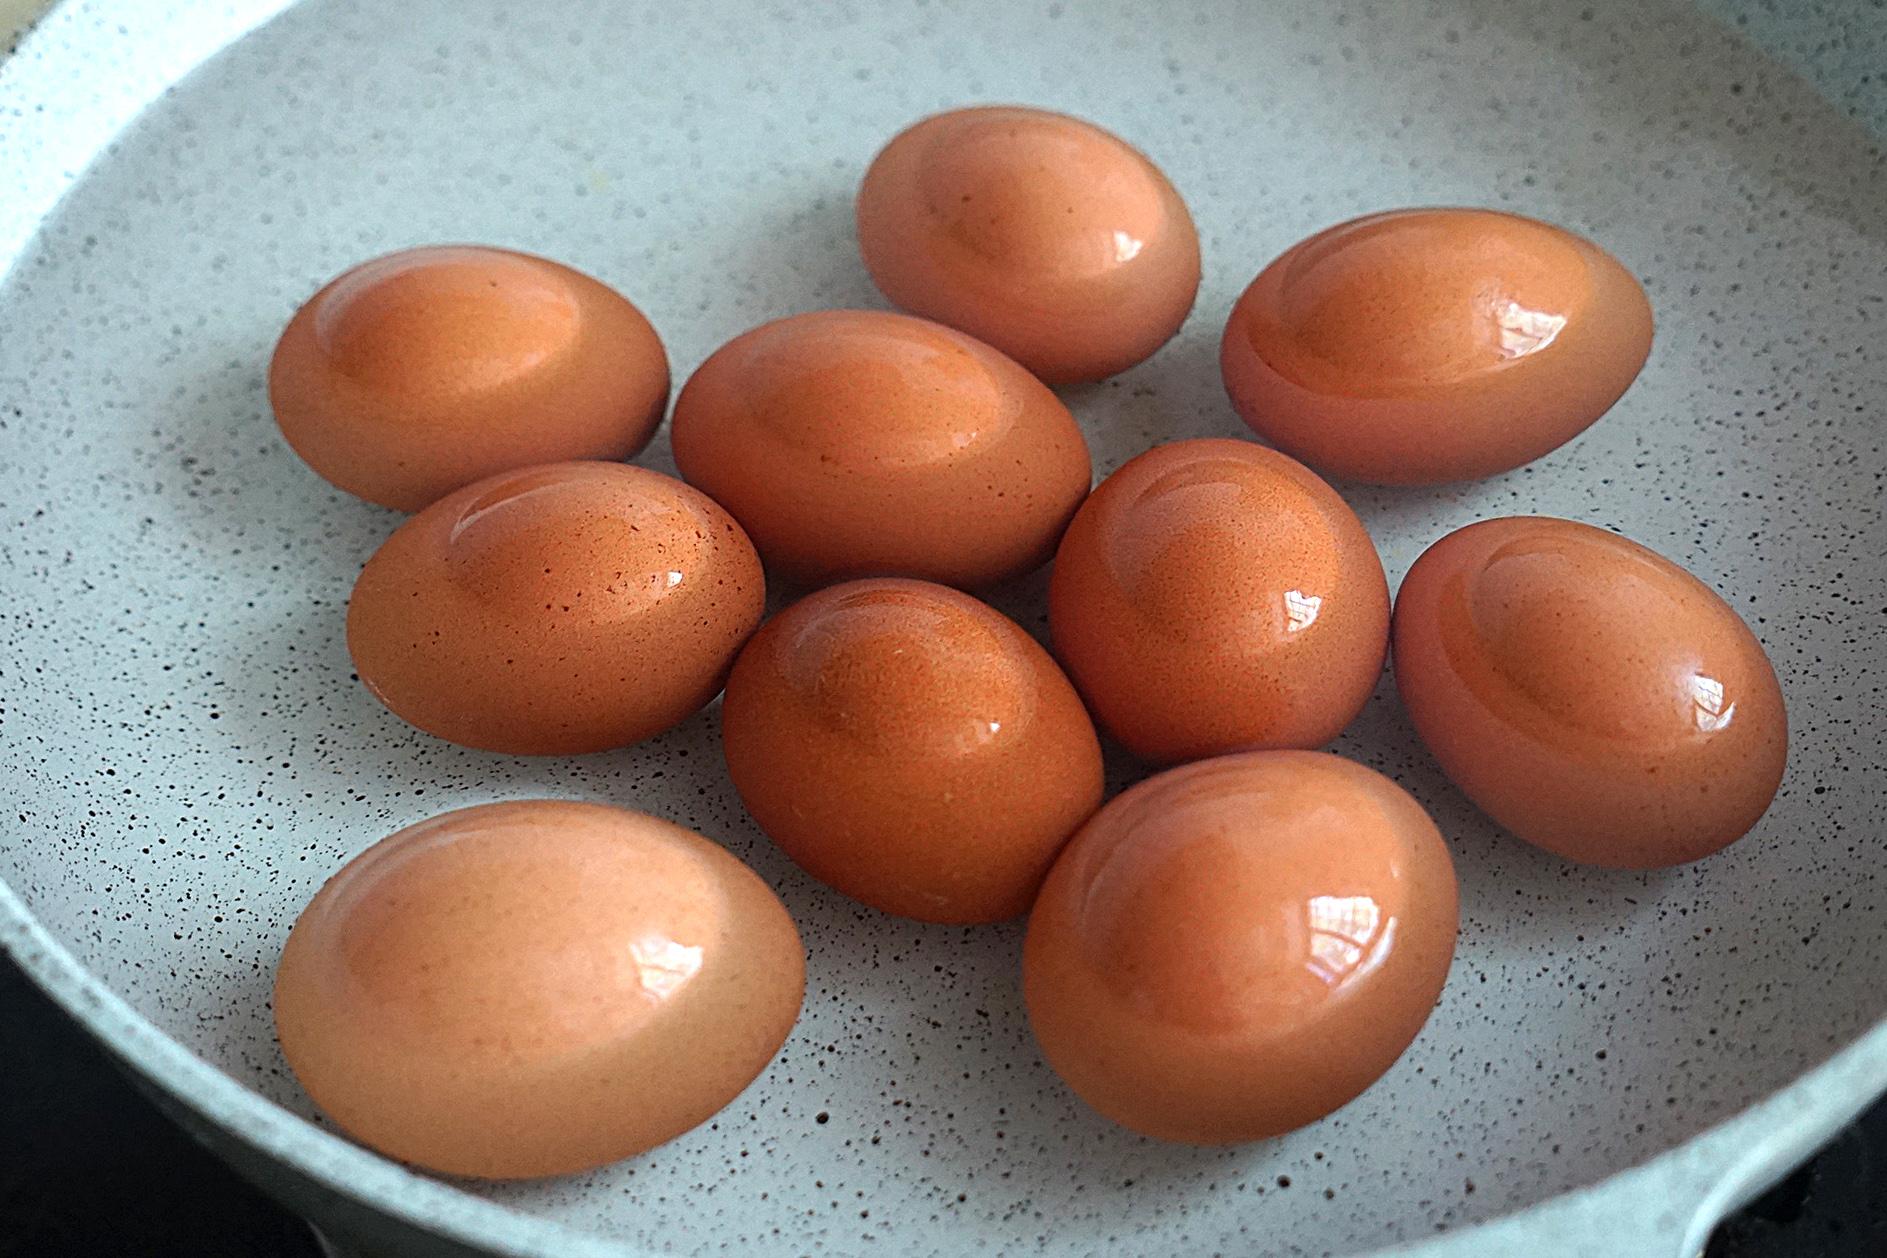 今日立夏,记得给家人煮立夏蛋,吃了热天不疰夏,顺利度过夏天 美食做法 第5张